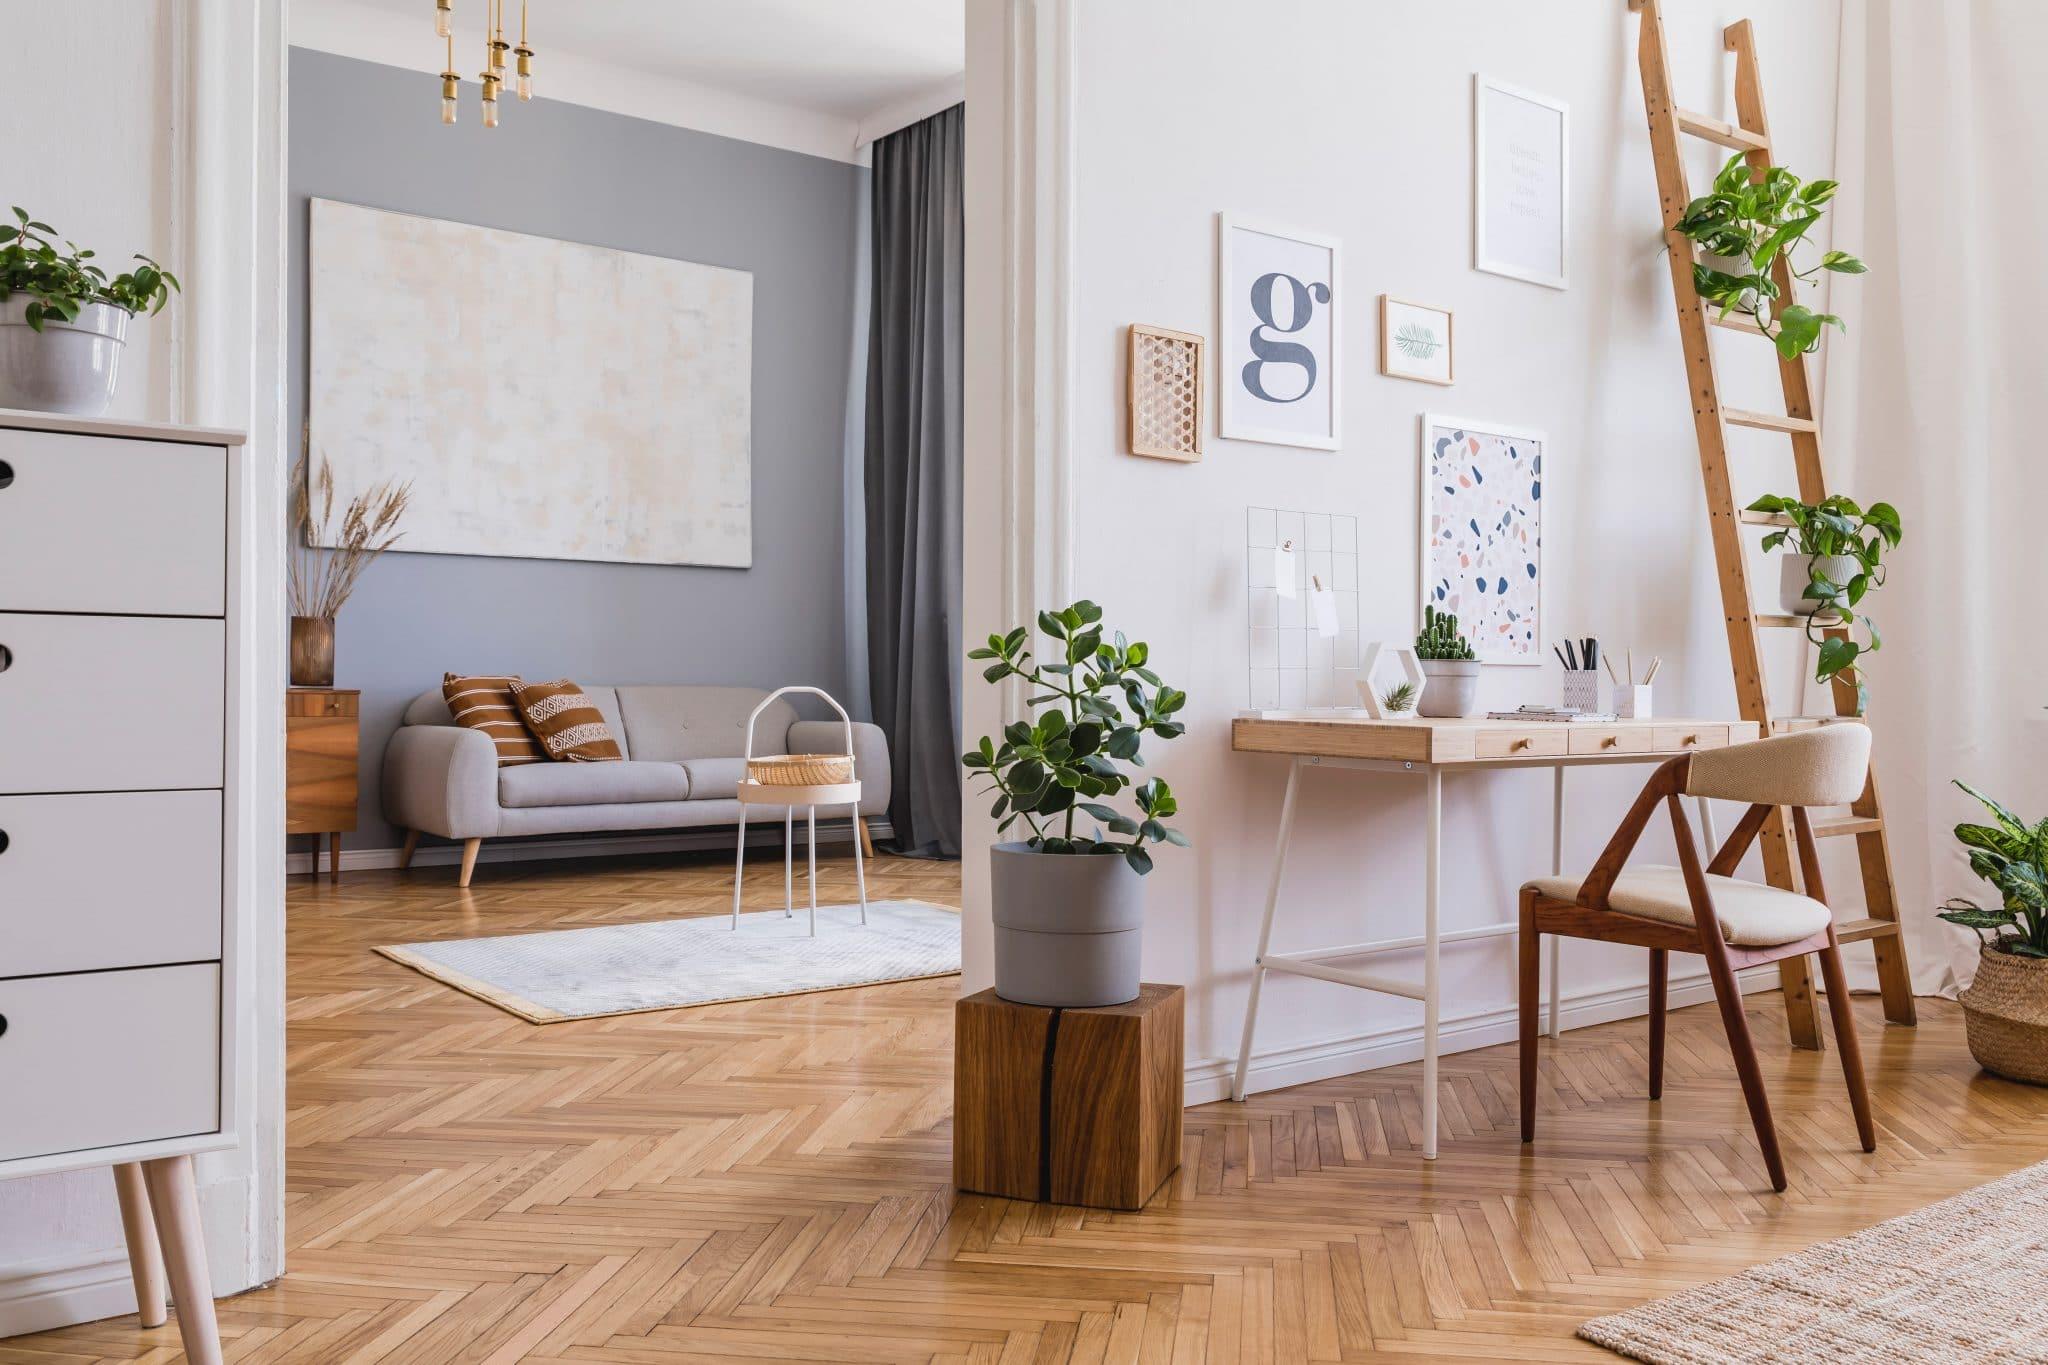 Rénovation d'appartement à Montauban (82)